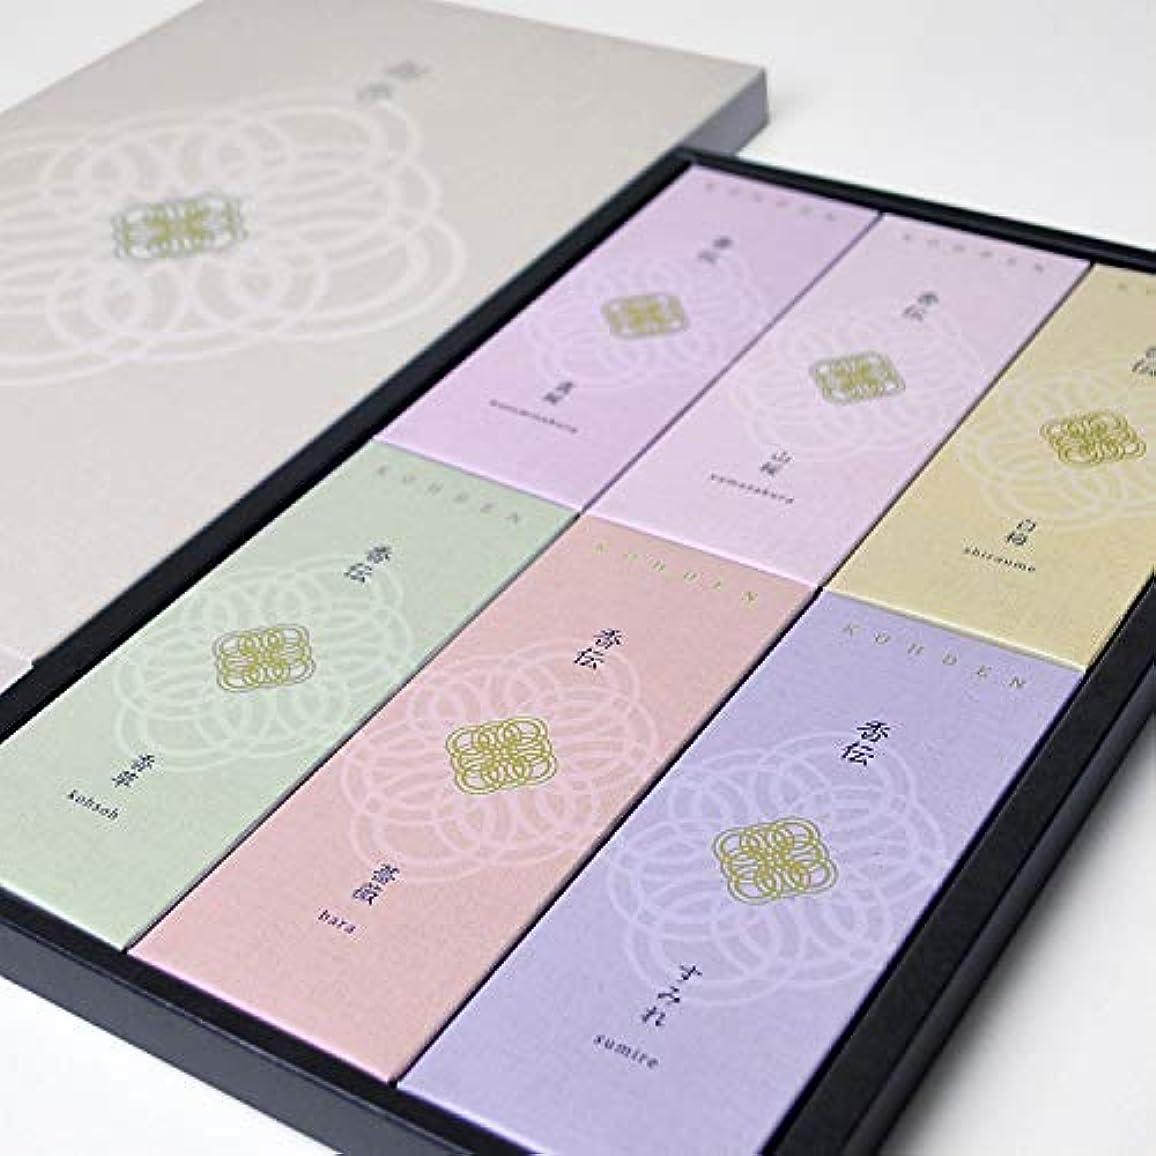 悪性腫瘍ペット(ポストに投函できる進物用)日本香堂 香伝 花の香り 線香6種類 1セット